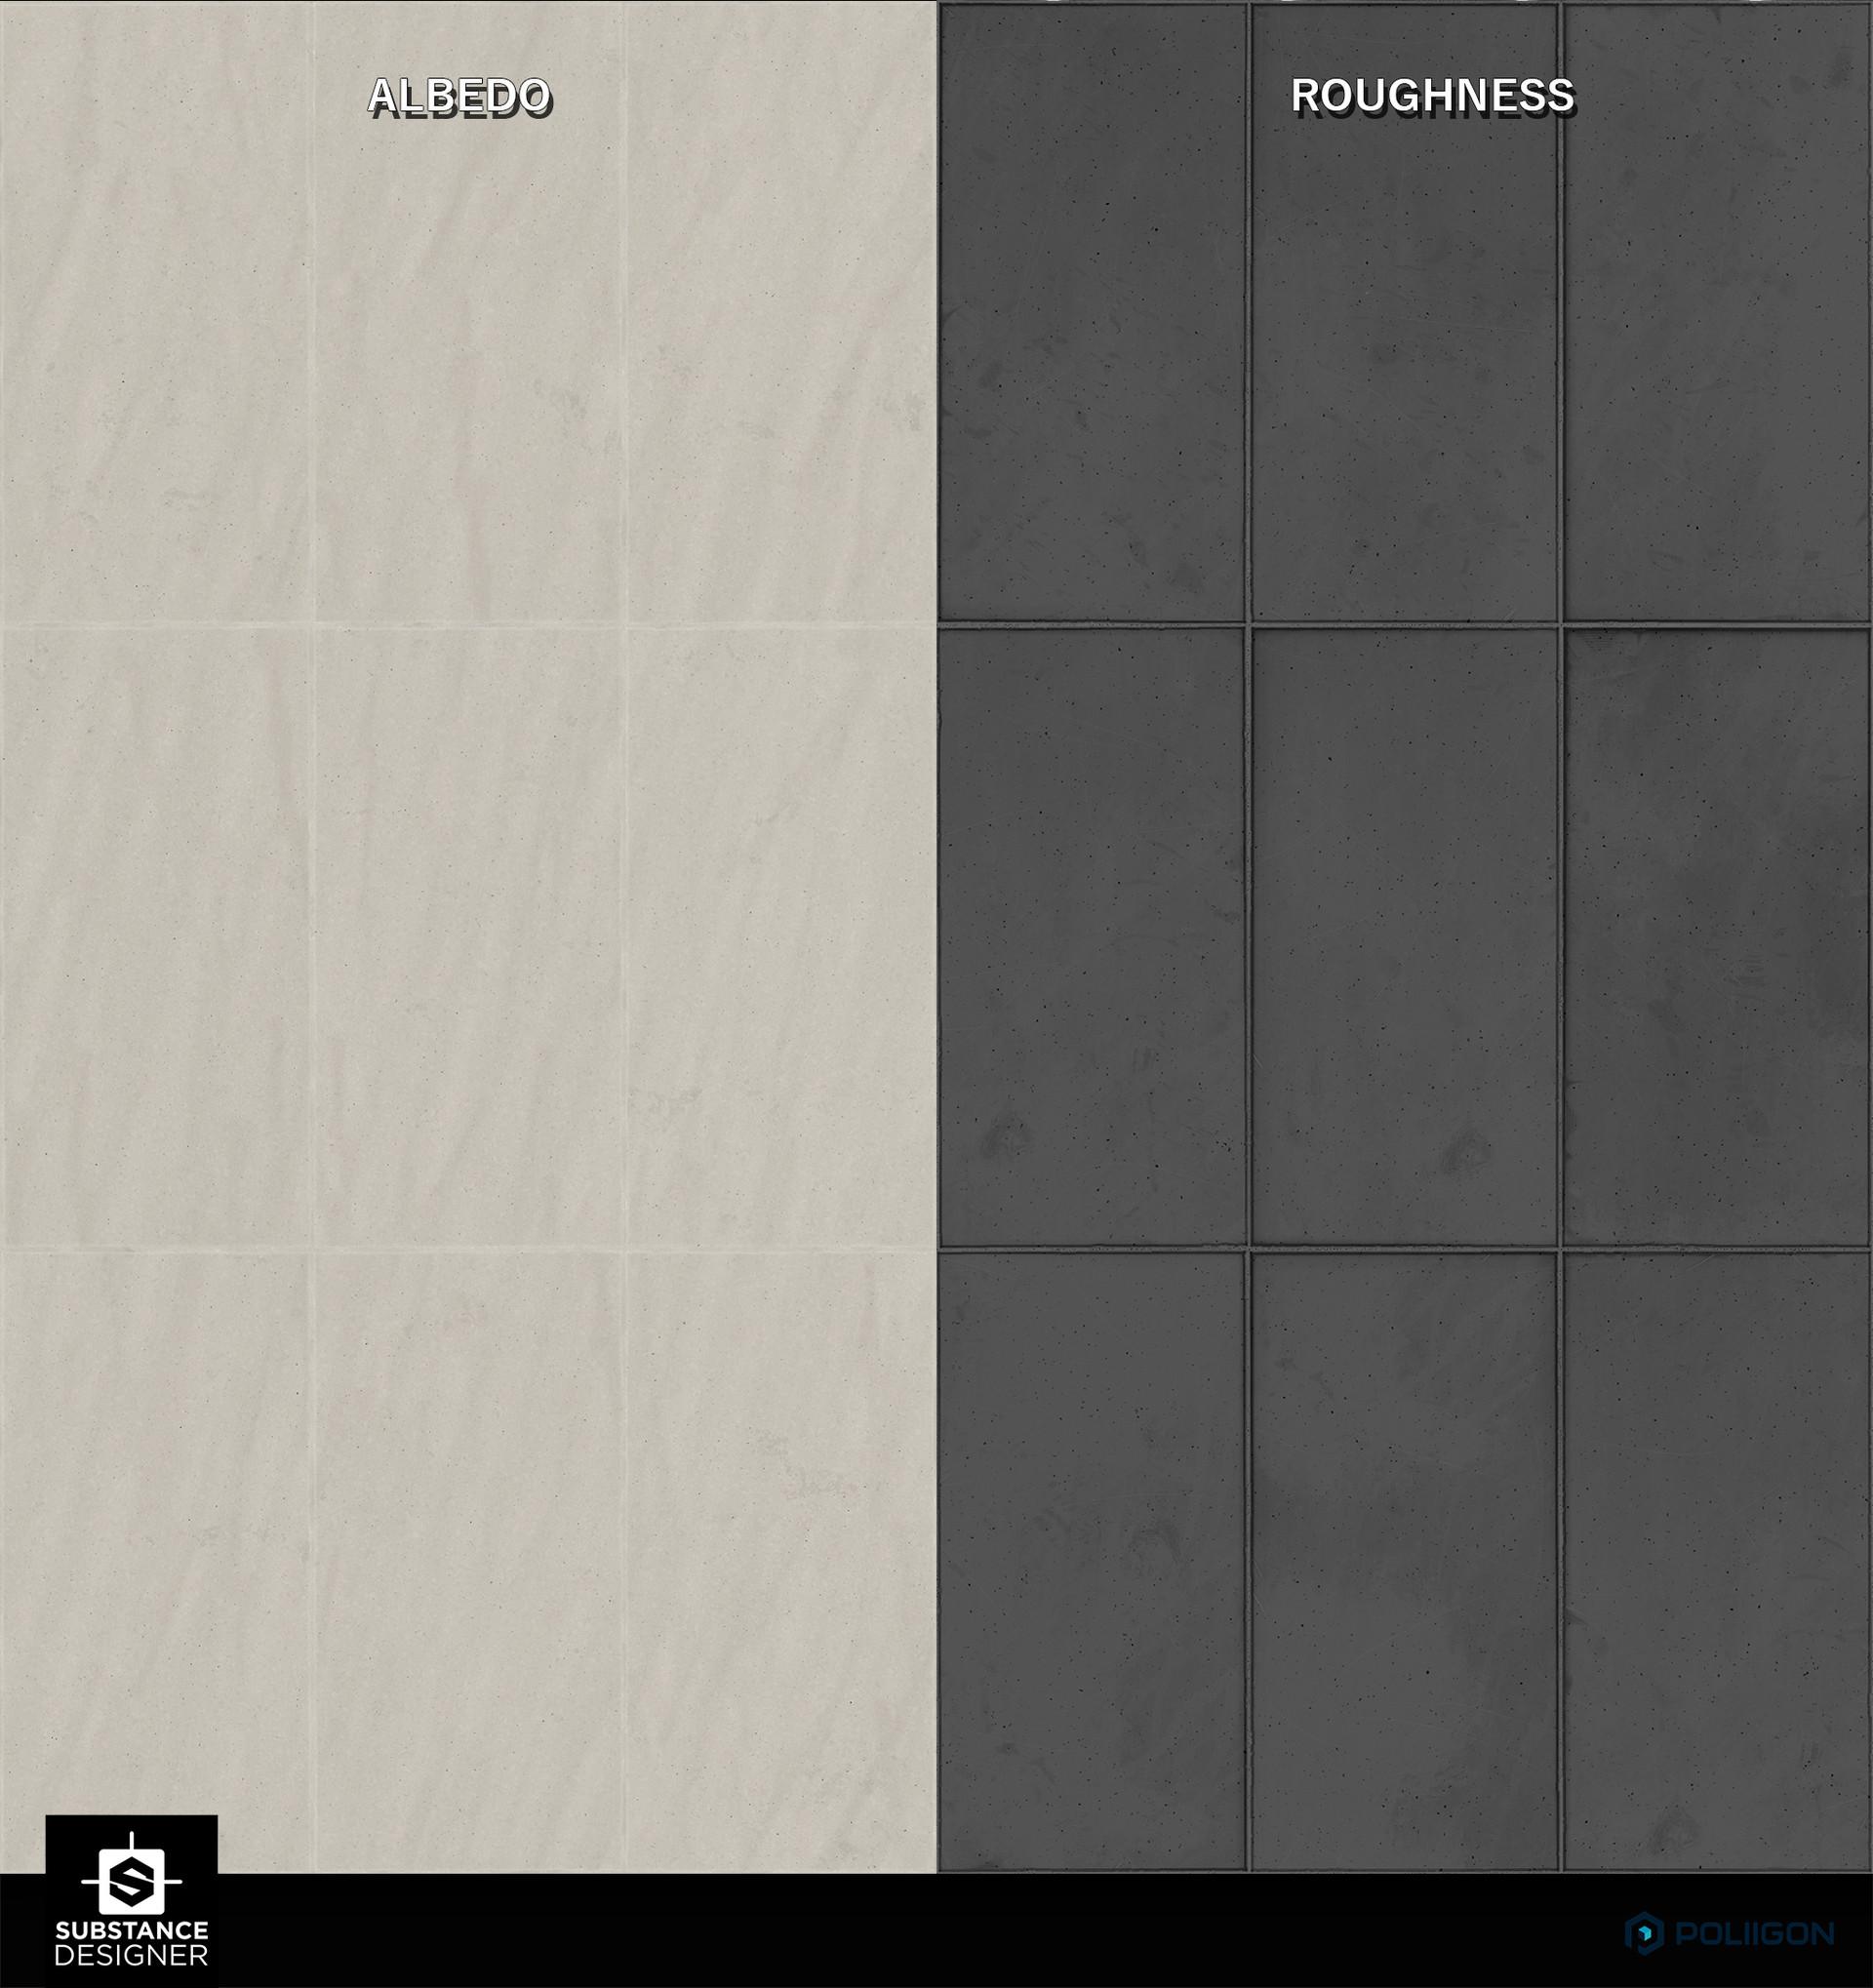 Guilherme henrique stonecut sheet